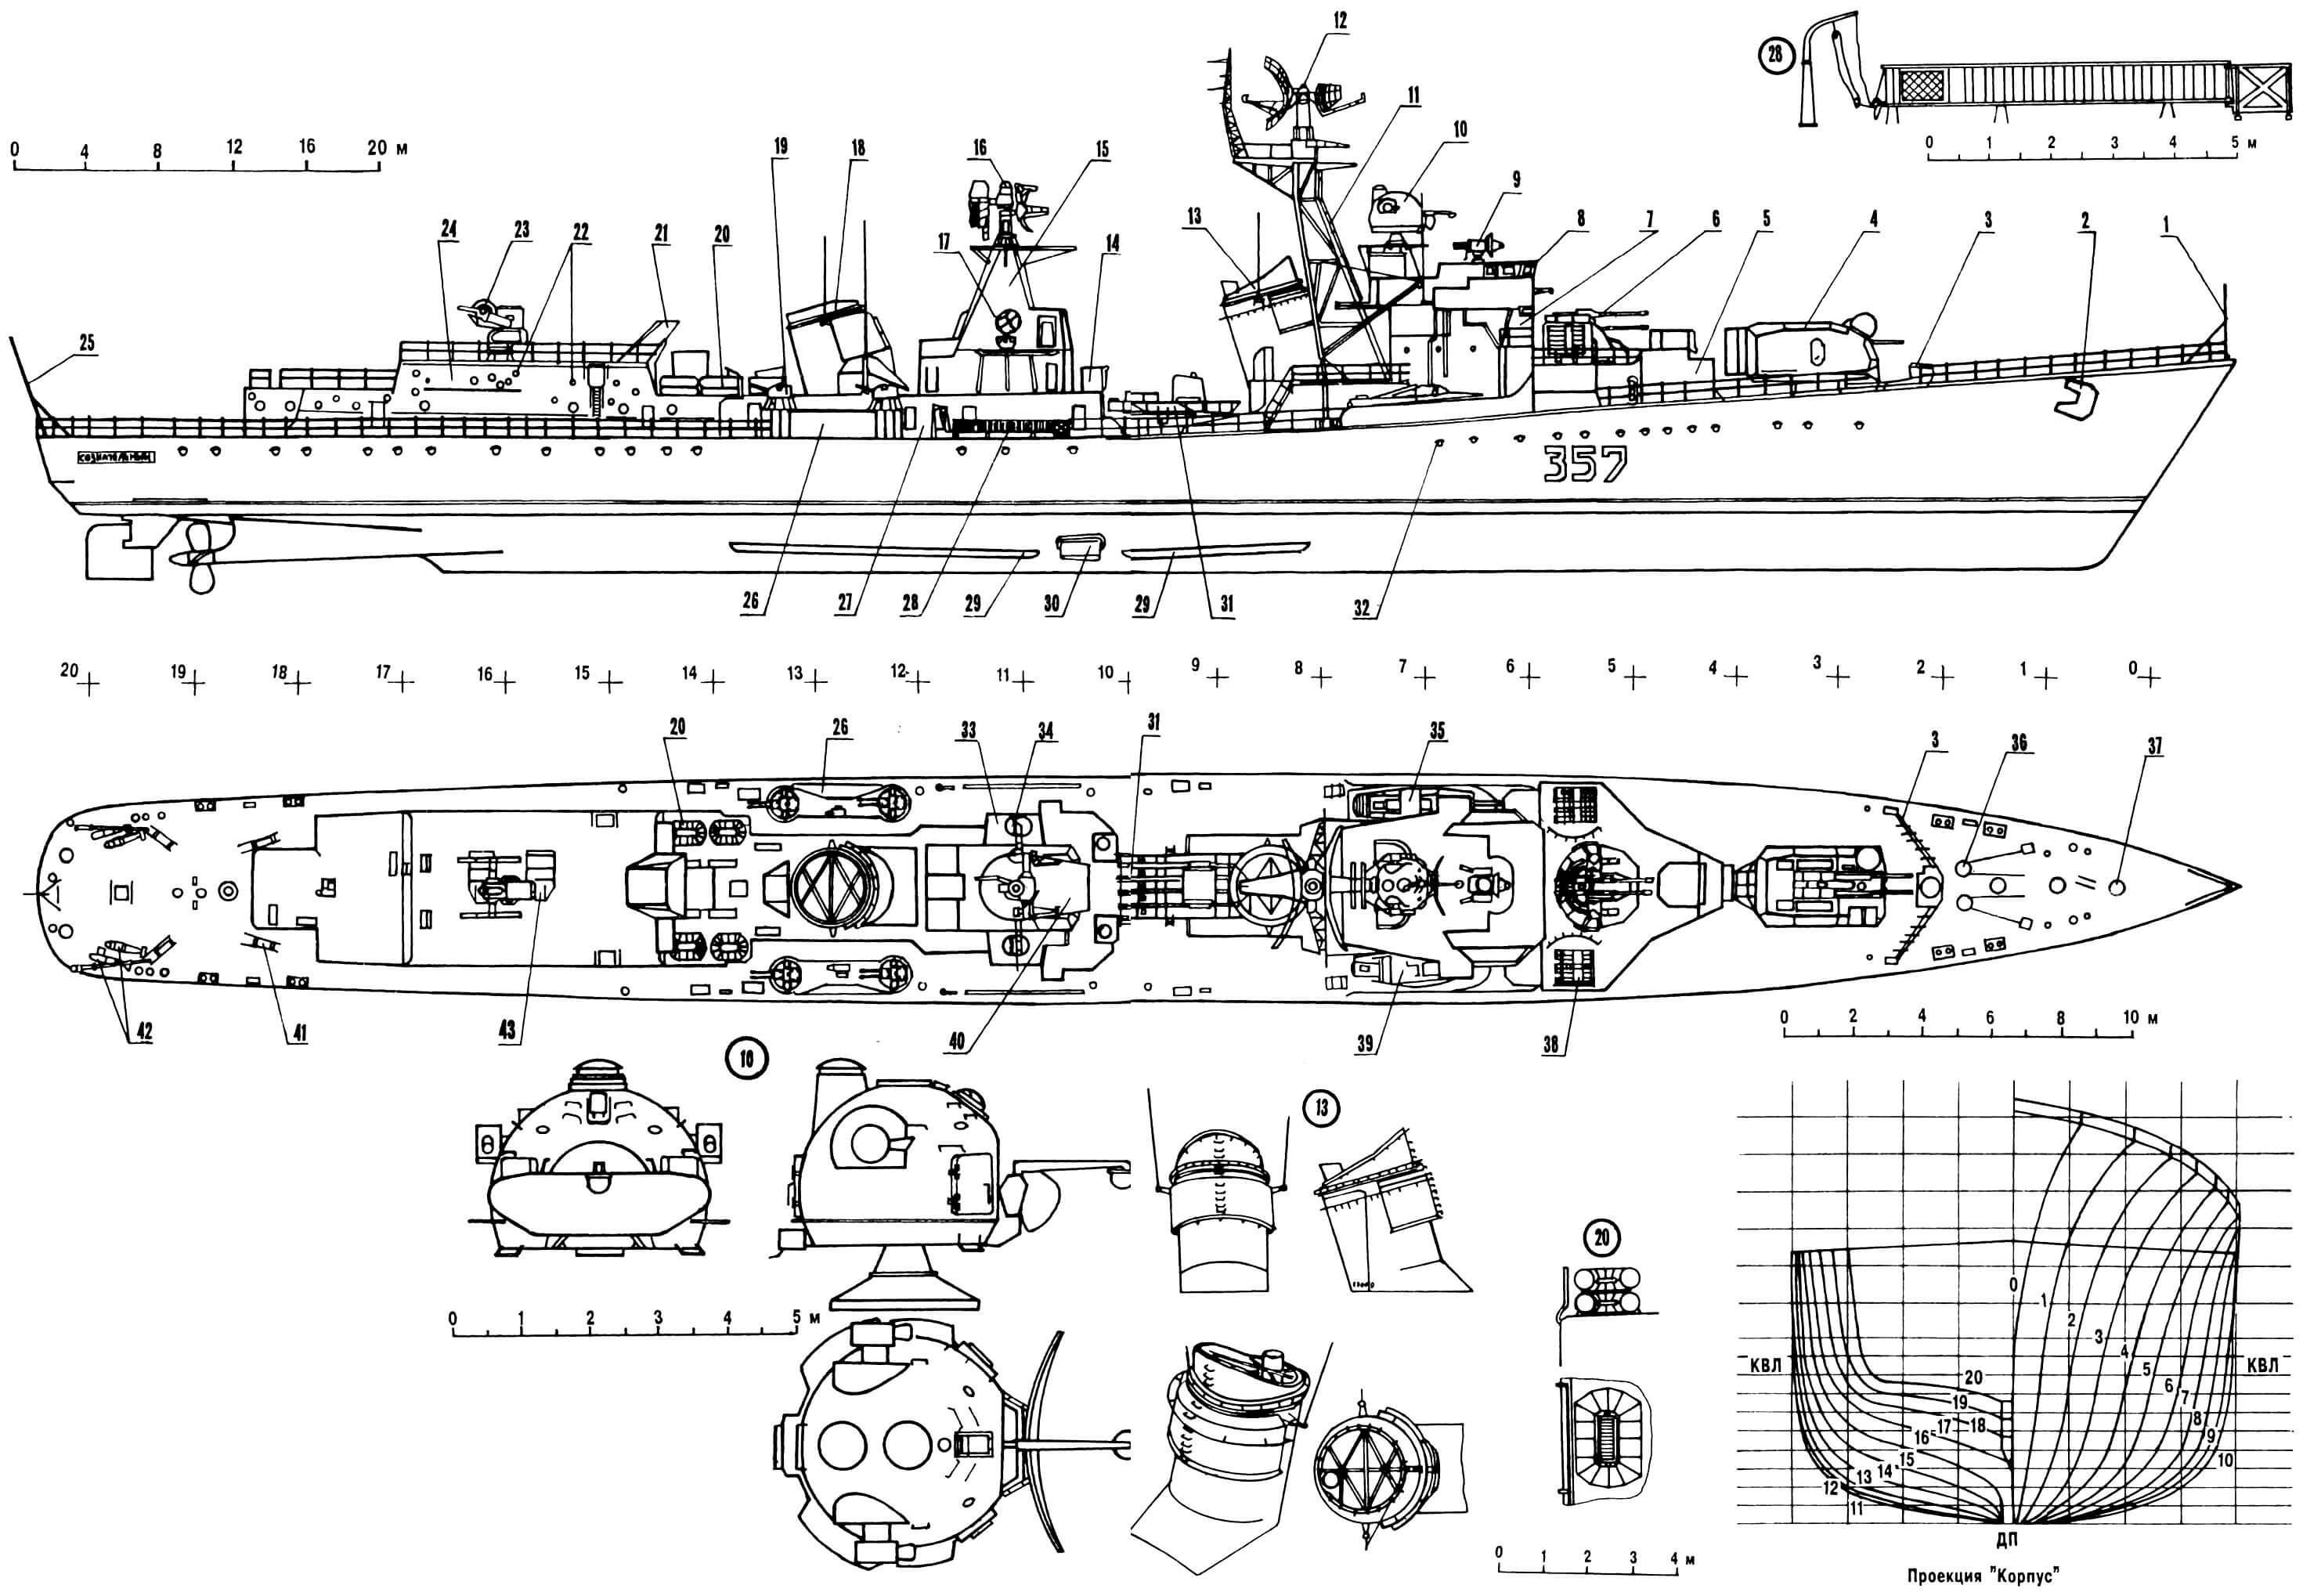 Эскадренный миноносец «Сознательный»: 1 — гюйсшток; 2 — клюз якорный; 3 — волноотвод; 4 — установка артиллерийская СМ-2-1; 5 — основание артиллерийской установки СМ-20-ЗИФ; 6 — установка артиллерийская СМ-20-ЗИФ; 7 — рубка ходовая; 8 — мостик ходовой; 9 — РЛС наведения артиллерийских систем; 10 — пост дальномерный; 11 — фок-мачта; 12 — антенна обзорной РЛС; 13 — труба дымовая, первая; 14 — мостик ходовой (запасной); 15 — грот-мачта; 16 — станция наведения ракет; 17 — РЛС комплекса АК-230; 18 — труба дымовая, вторая; 19 — установка артиллерийская комплекса АК-230; 20 — плоты спасательные; 21 — газоотбойник; 22 — грибки вентиляционные; 23 — установка пусковая ЗУР; 24 — ангар для ракет; 25 — флагшток; 26 — основание автоматов АК-230; 27 — надстройка над машинным отделением; 28 — трап бортовой; 29 — кили скуловые; 30 — успокоитель качки; 31 — аппараты торпедные; 32 — иллюминатор; 33 — площадка локатора наведения АК-230; 34 — грота-рей; 35 — катер рабочий; 36 — шпиль якорный; 37 — люк; 38 — РБУ 6000; 39 — катер командирский; 40 — площадка станции наведения ракет; 41 — вьюшка; 42 — параван-ялы.